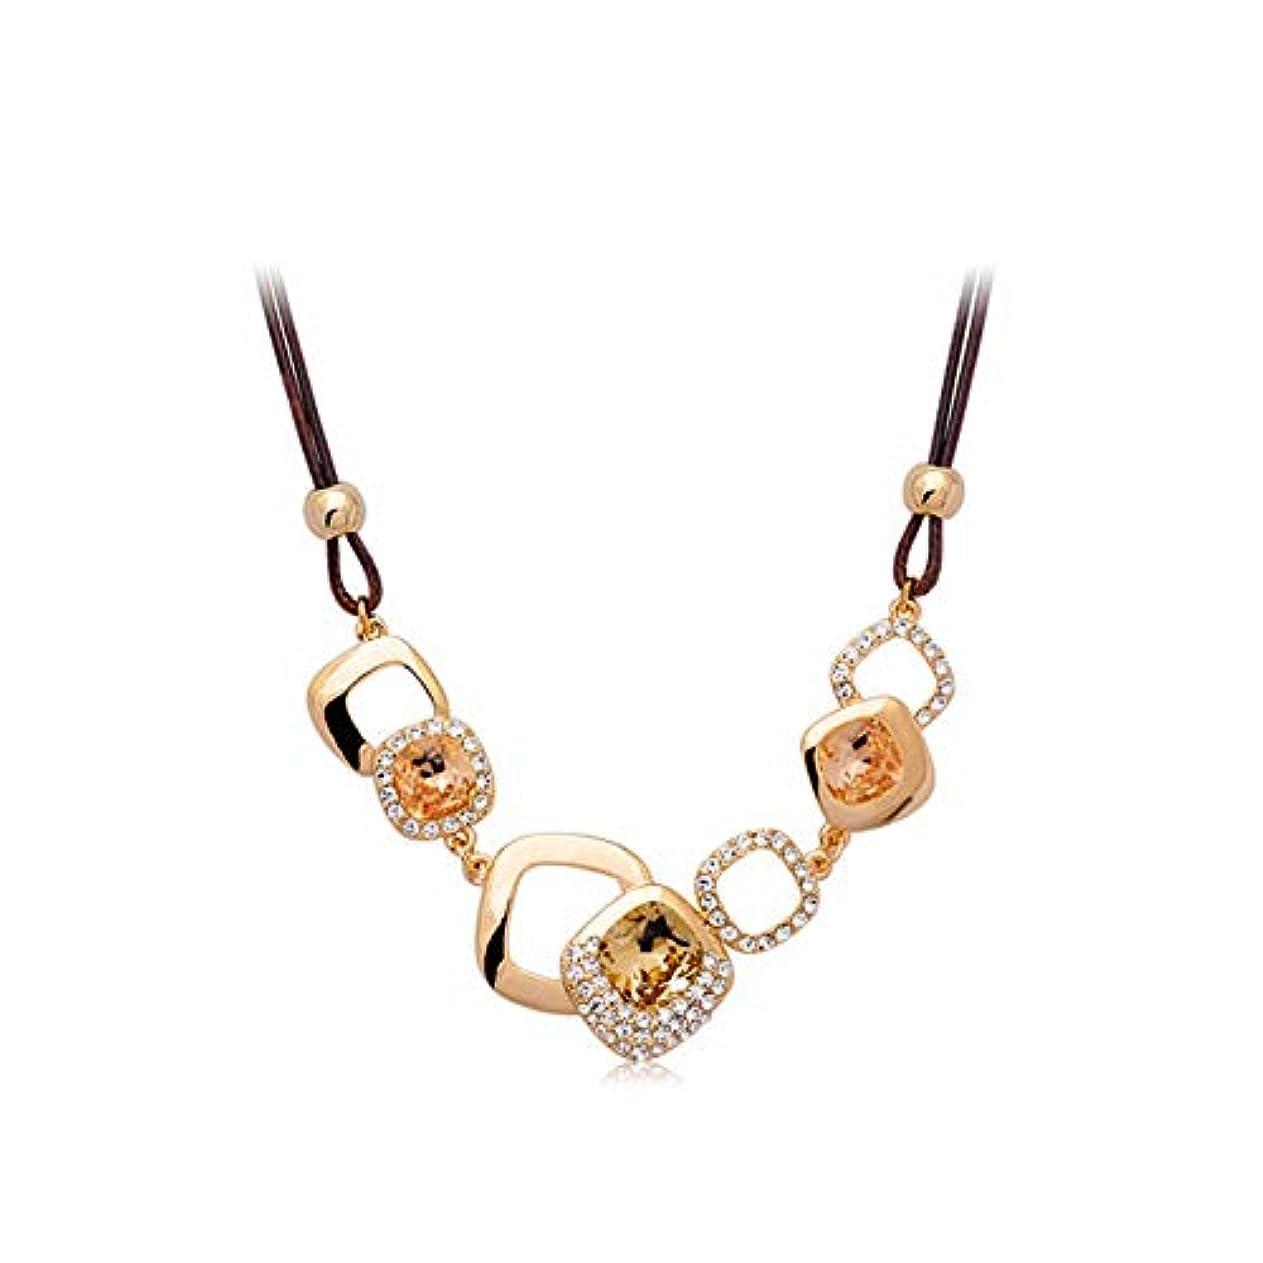 メダル封建おびえたトレンディな輝く絶妙な鎖骨チェーン、シンプルなスクエア気質エレガントなレトロなファッション装飾的な短いセーターチェーン